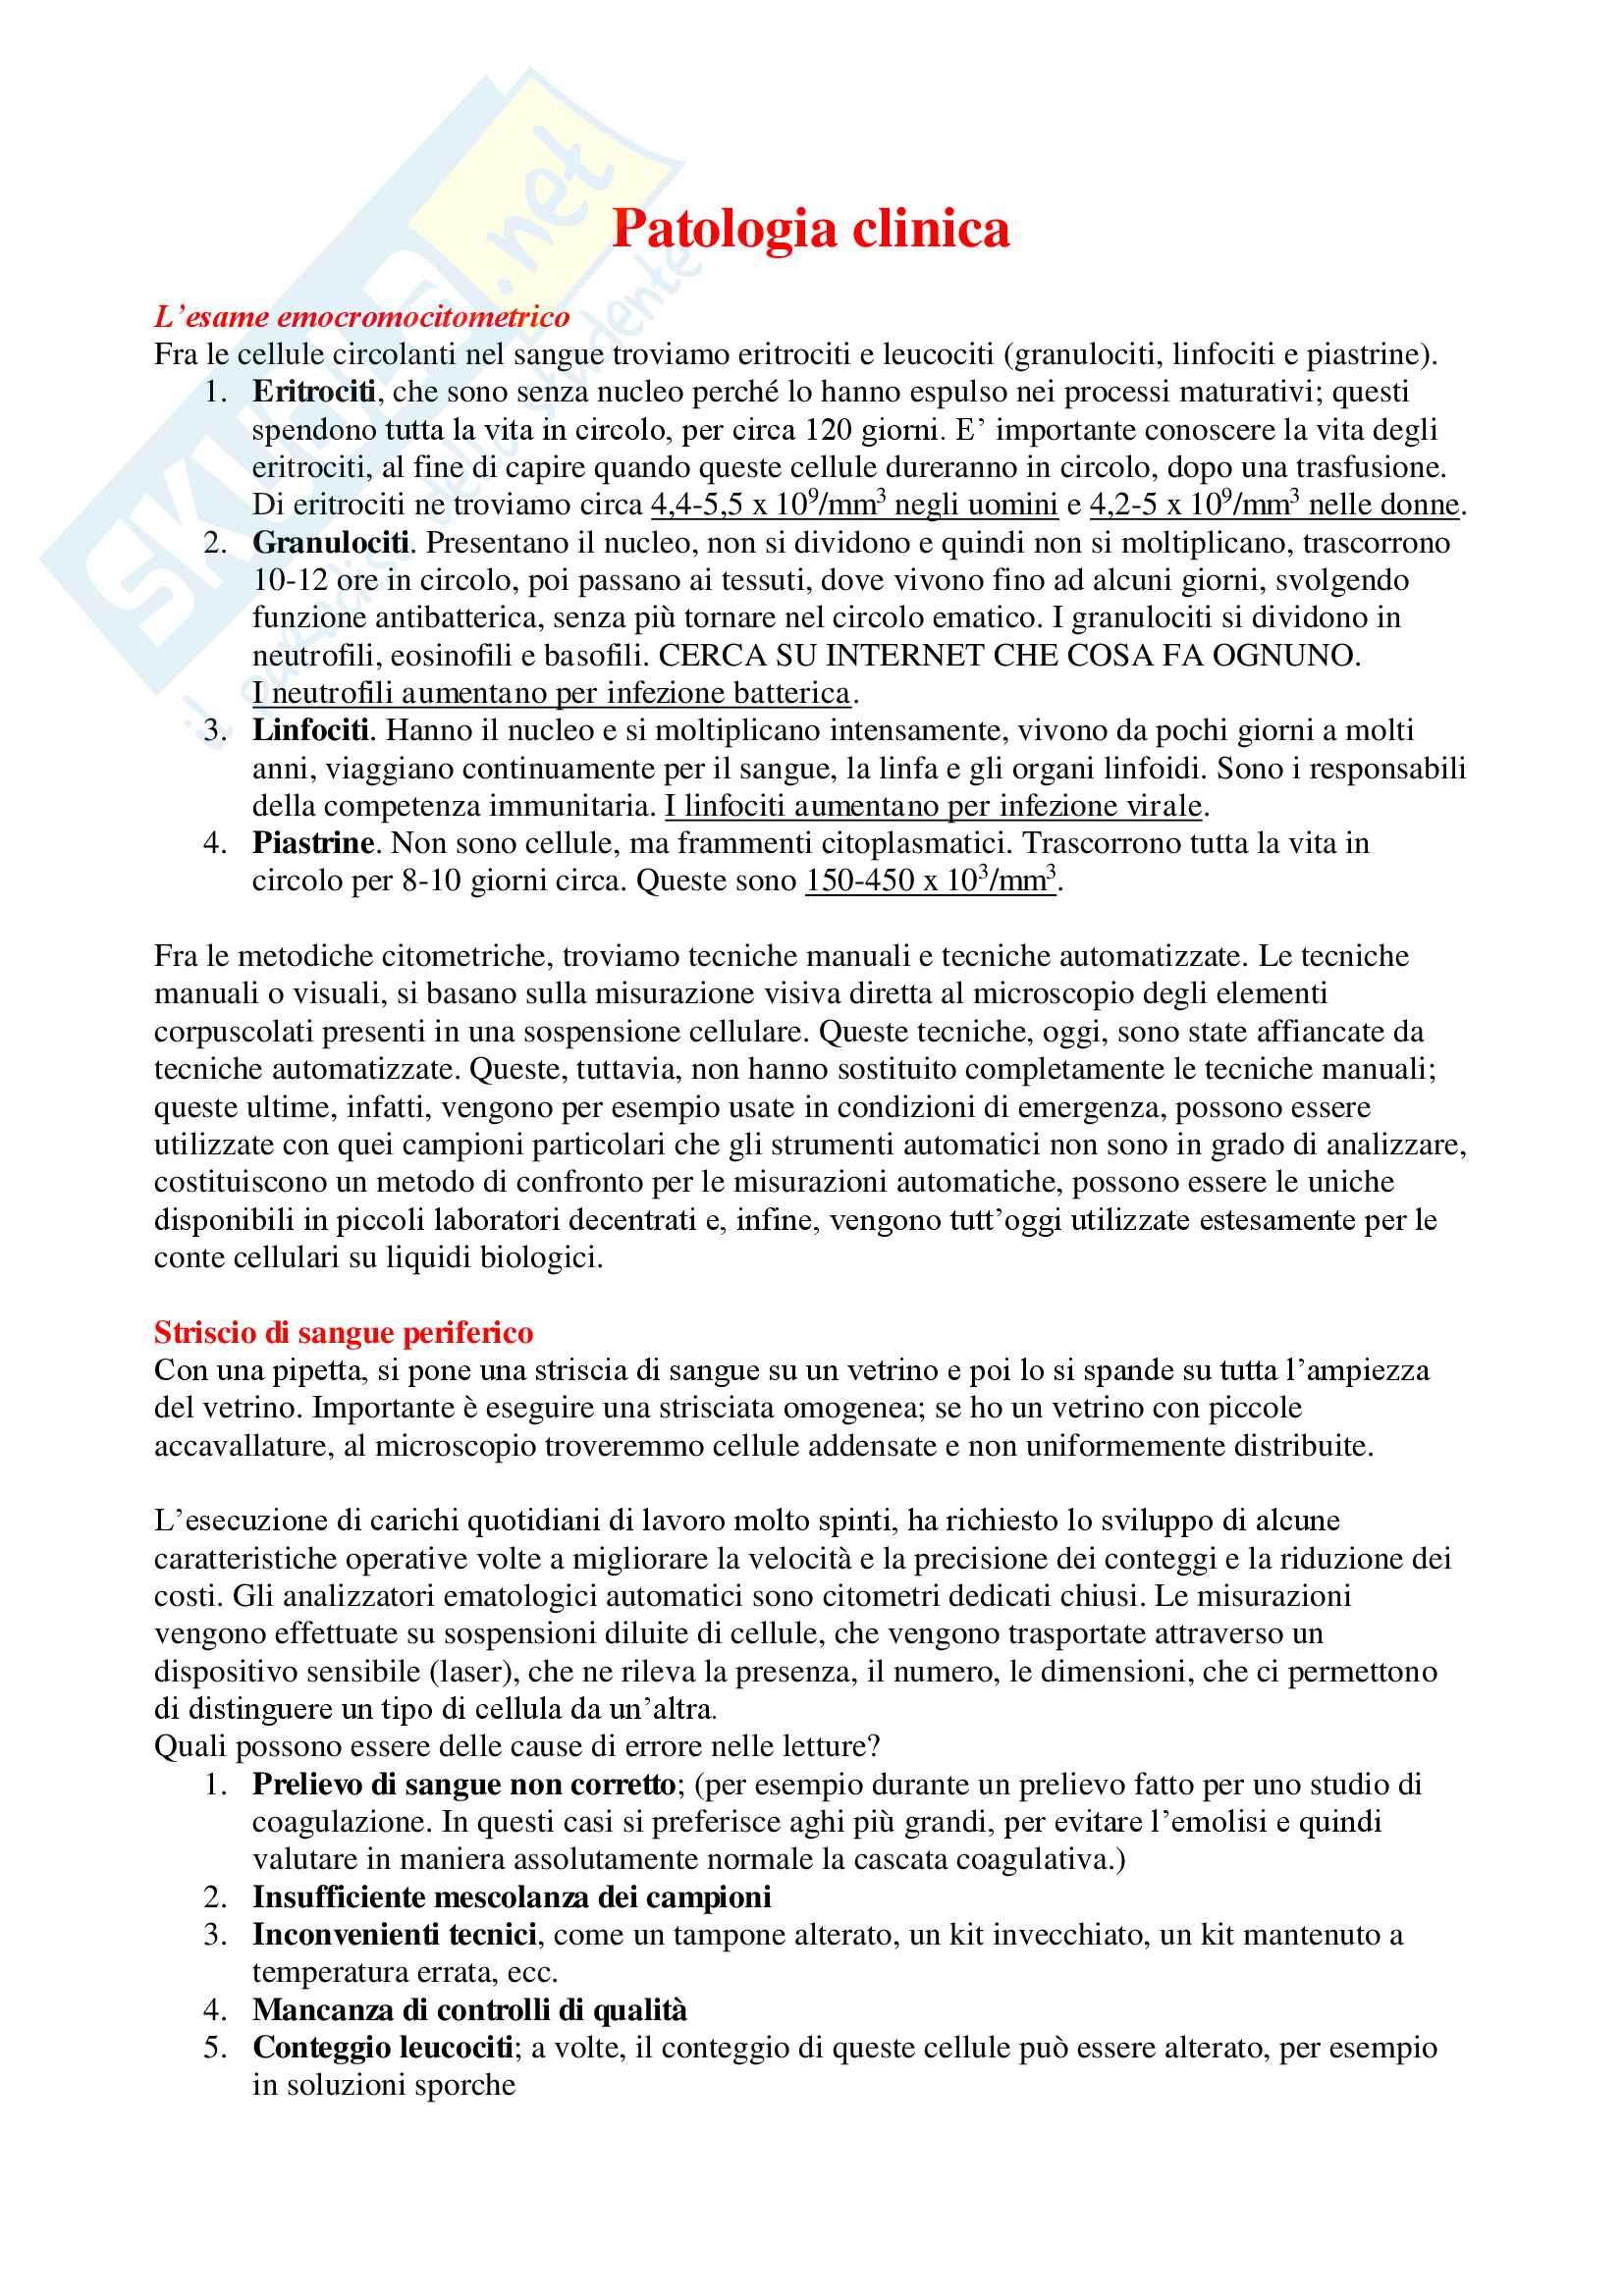 Patologia Clinica - Appunti Completi